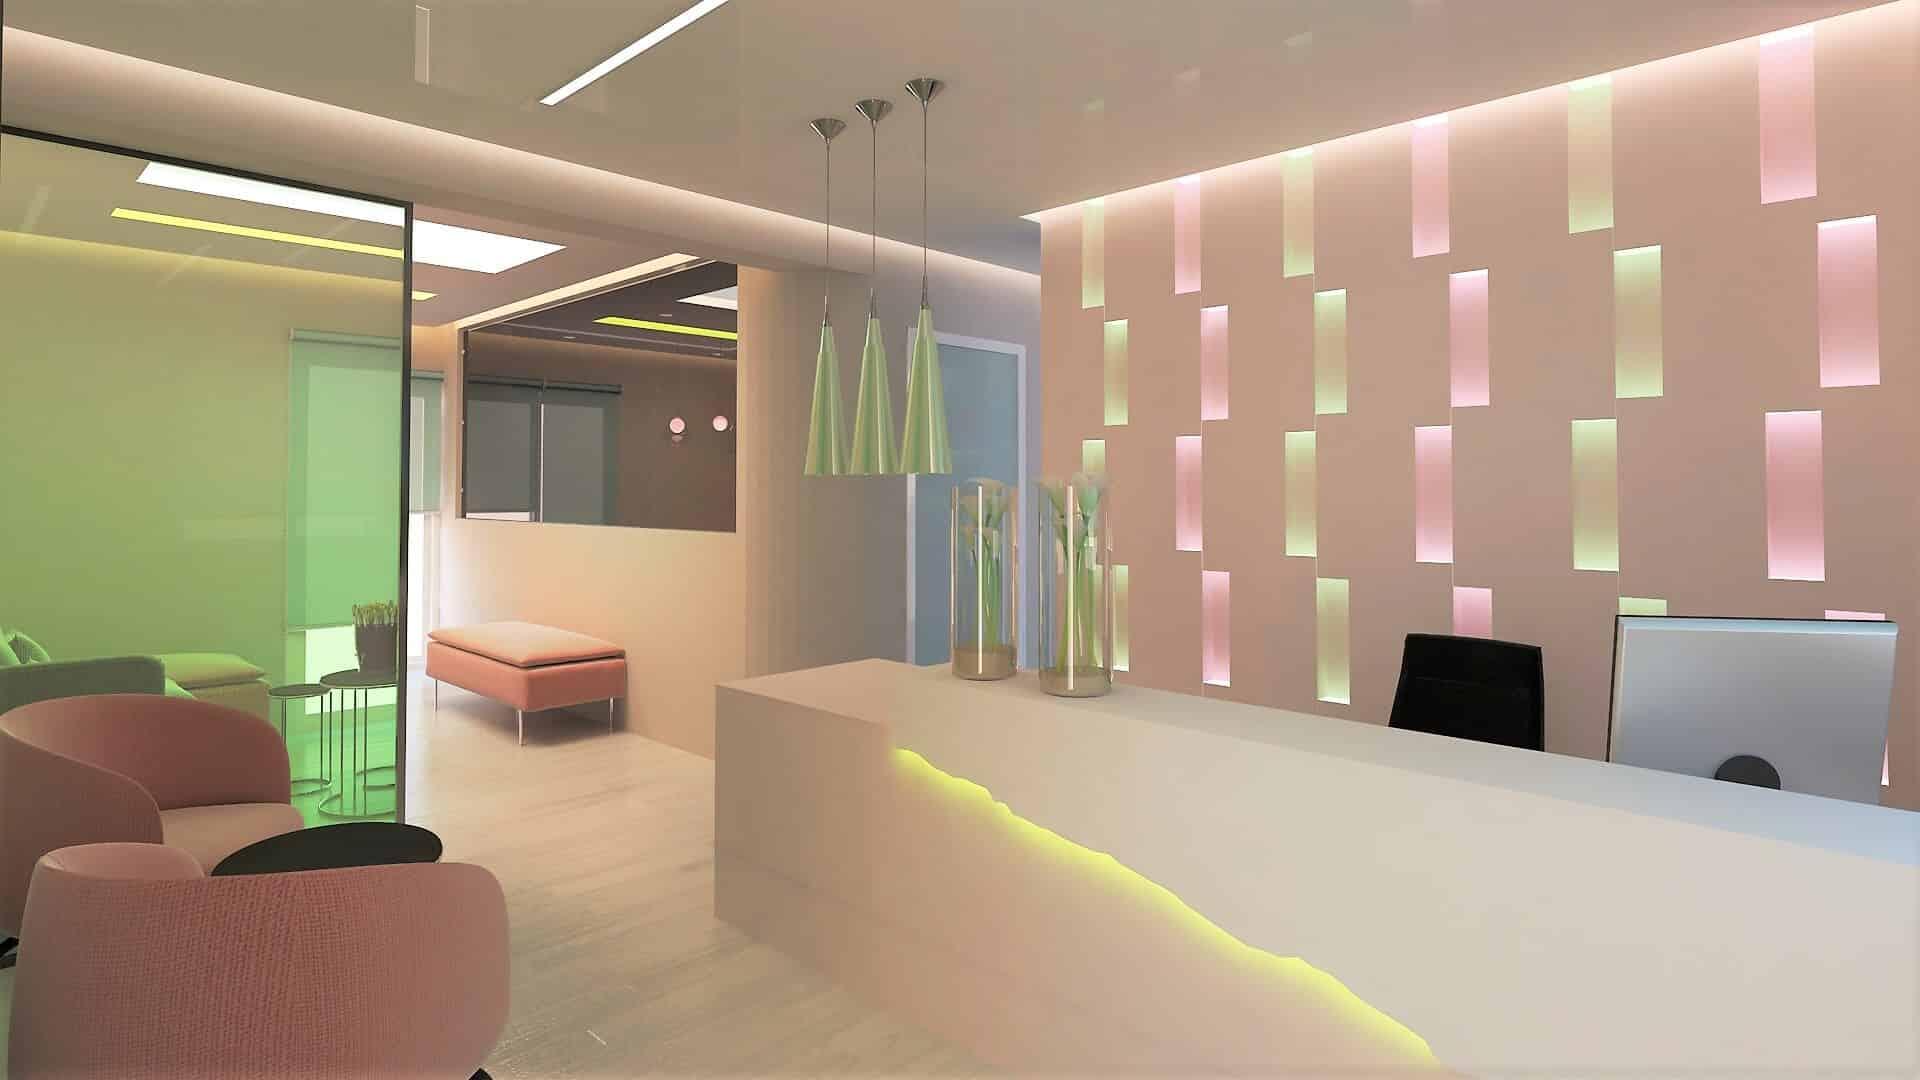 Σχεδιασμός γυναικολογικού ιατρείου στην Ηλιούπολη